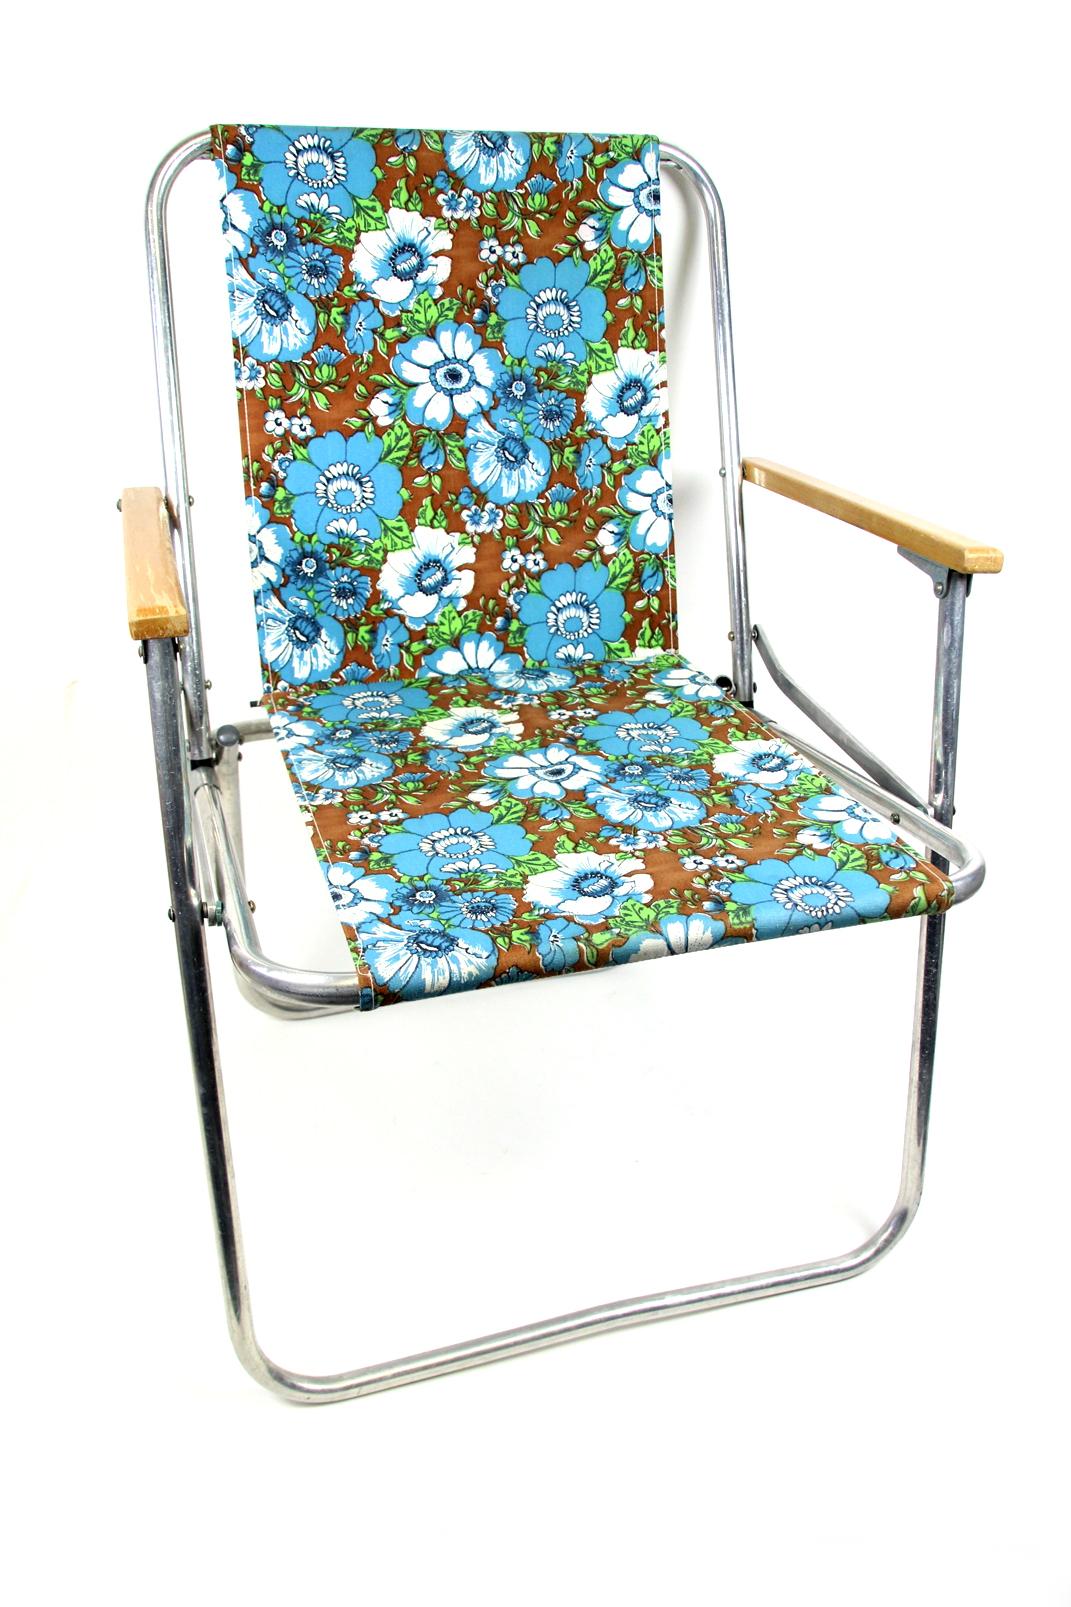 ddr campingstuhl retro 70er jahre blumen camping klapp. Black Bedroom Furniture Sets. Home Design Ideas